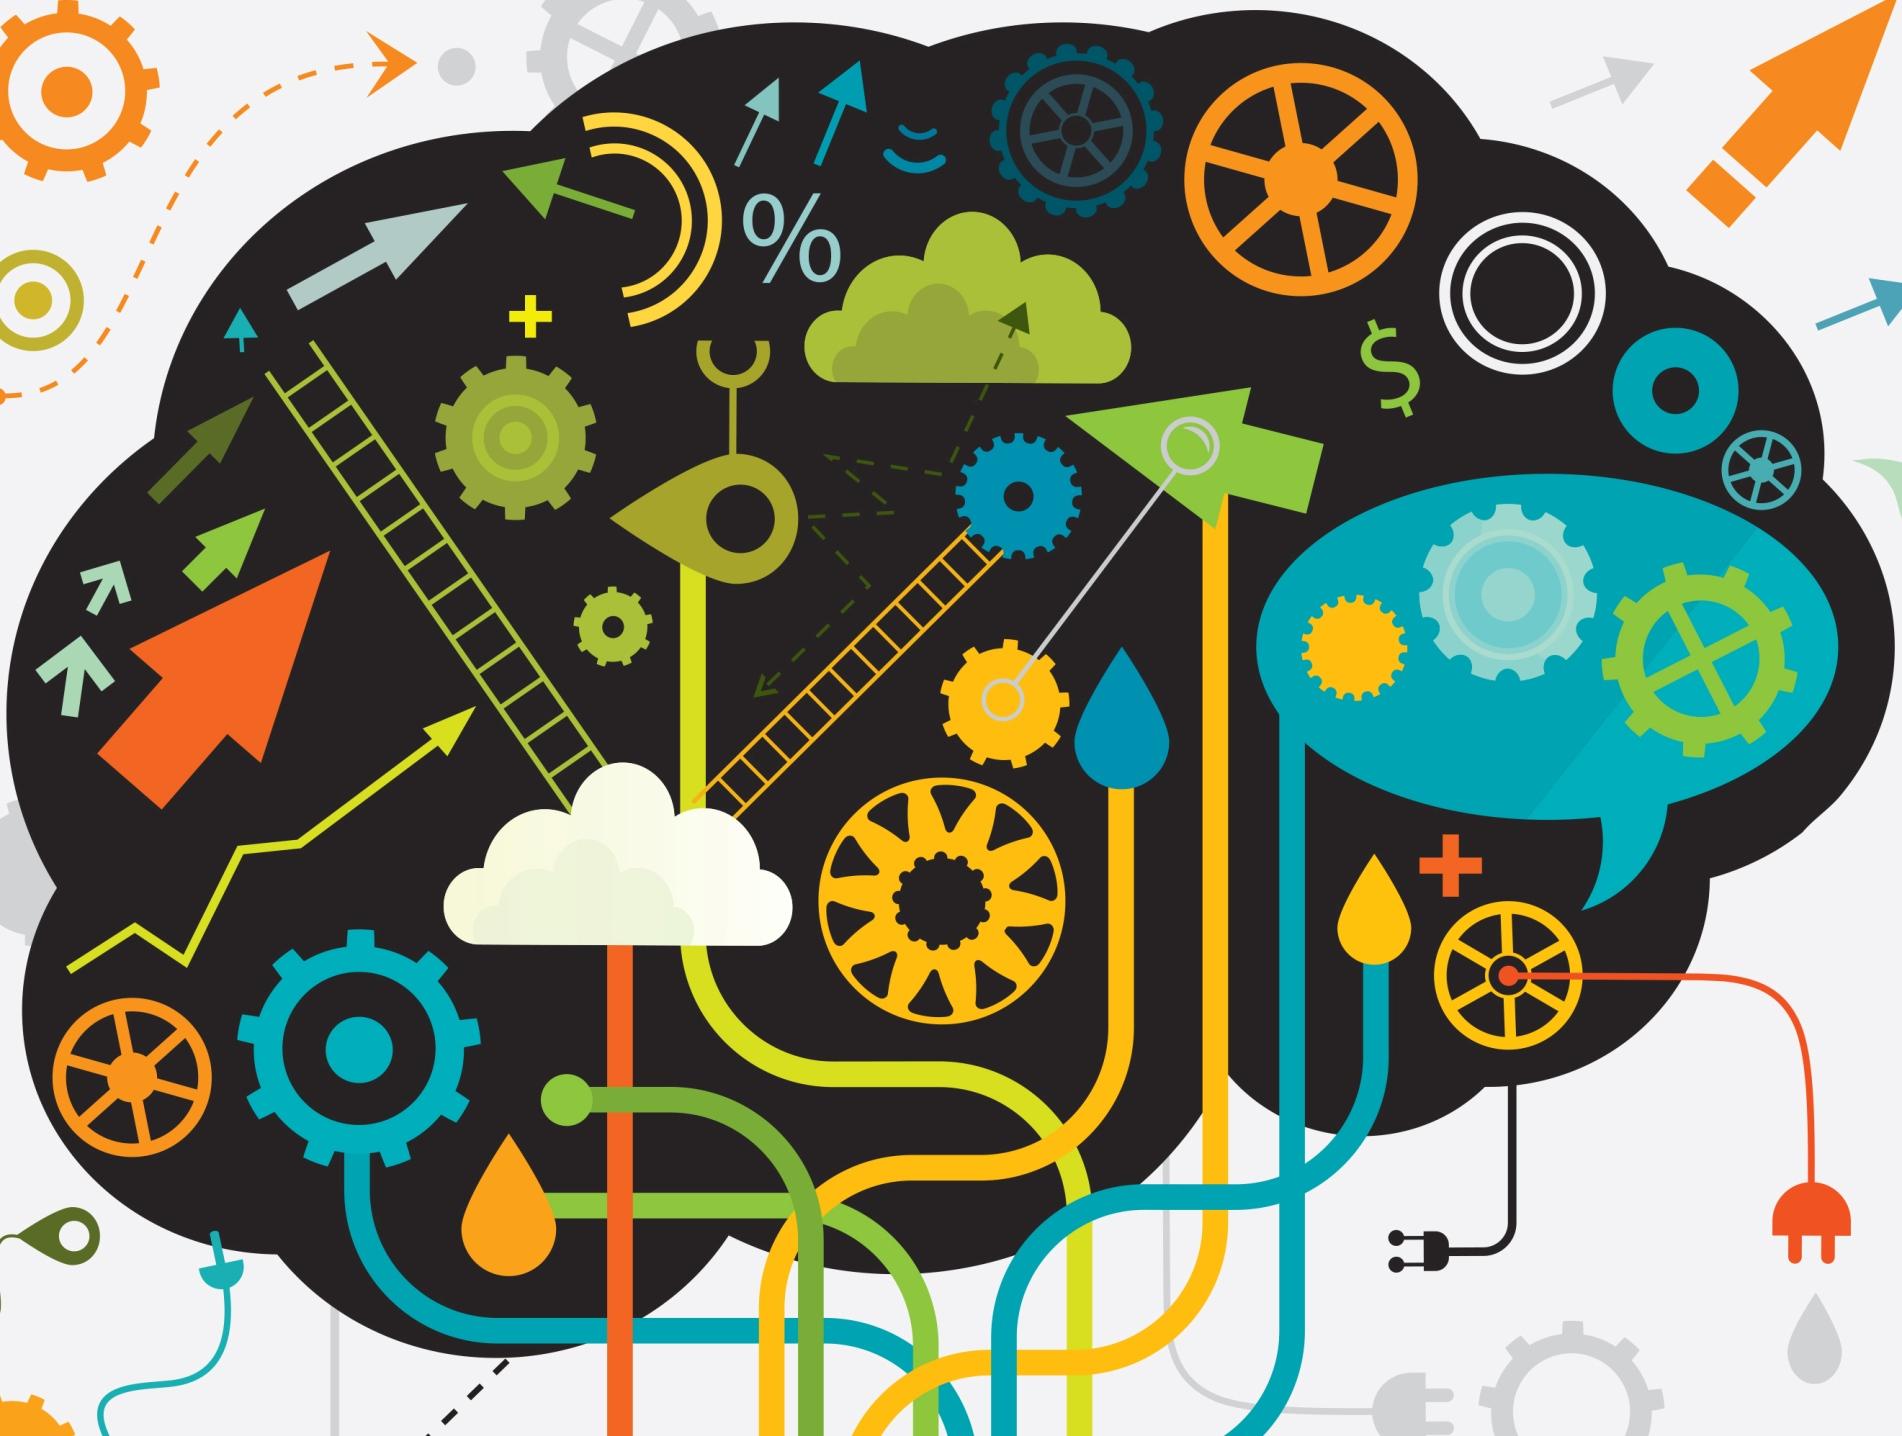 Πως οι Σκέψεις σου Διαμορφώνουν τον Εγκέφαλο σου Χωρίς να το Γνωρίζεις